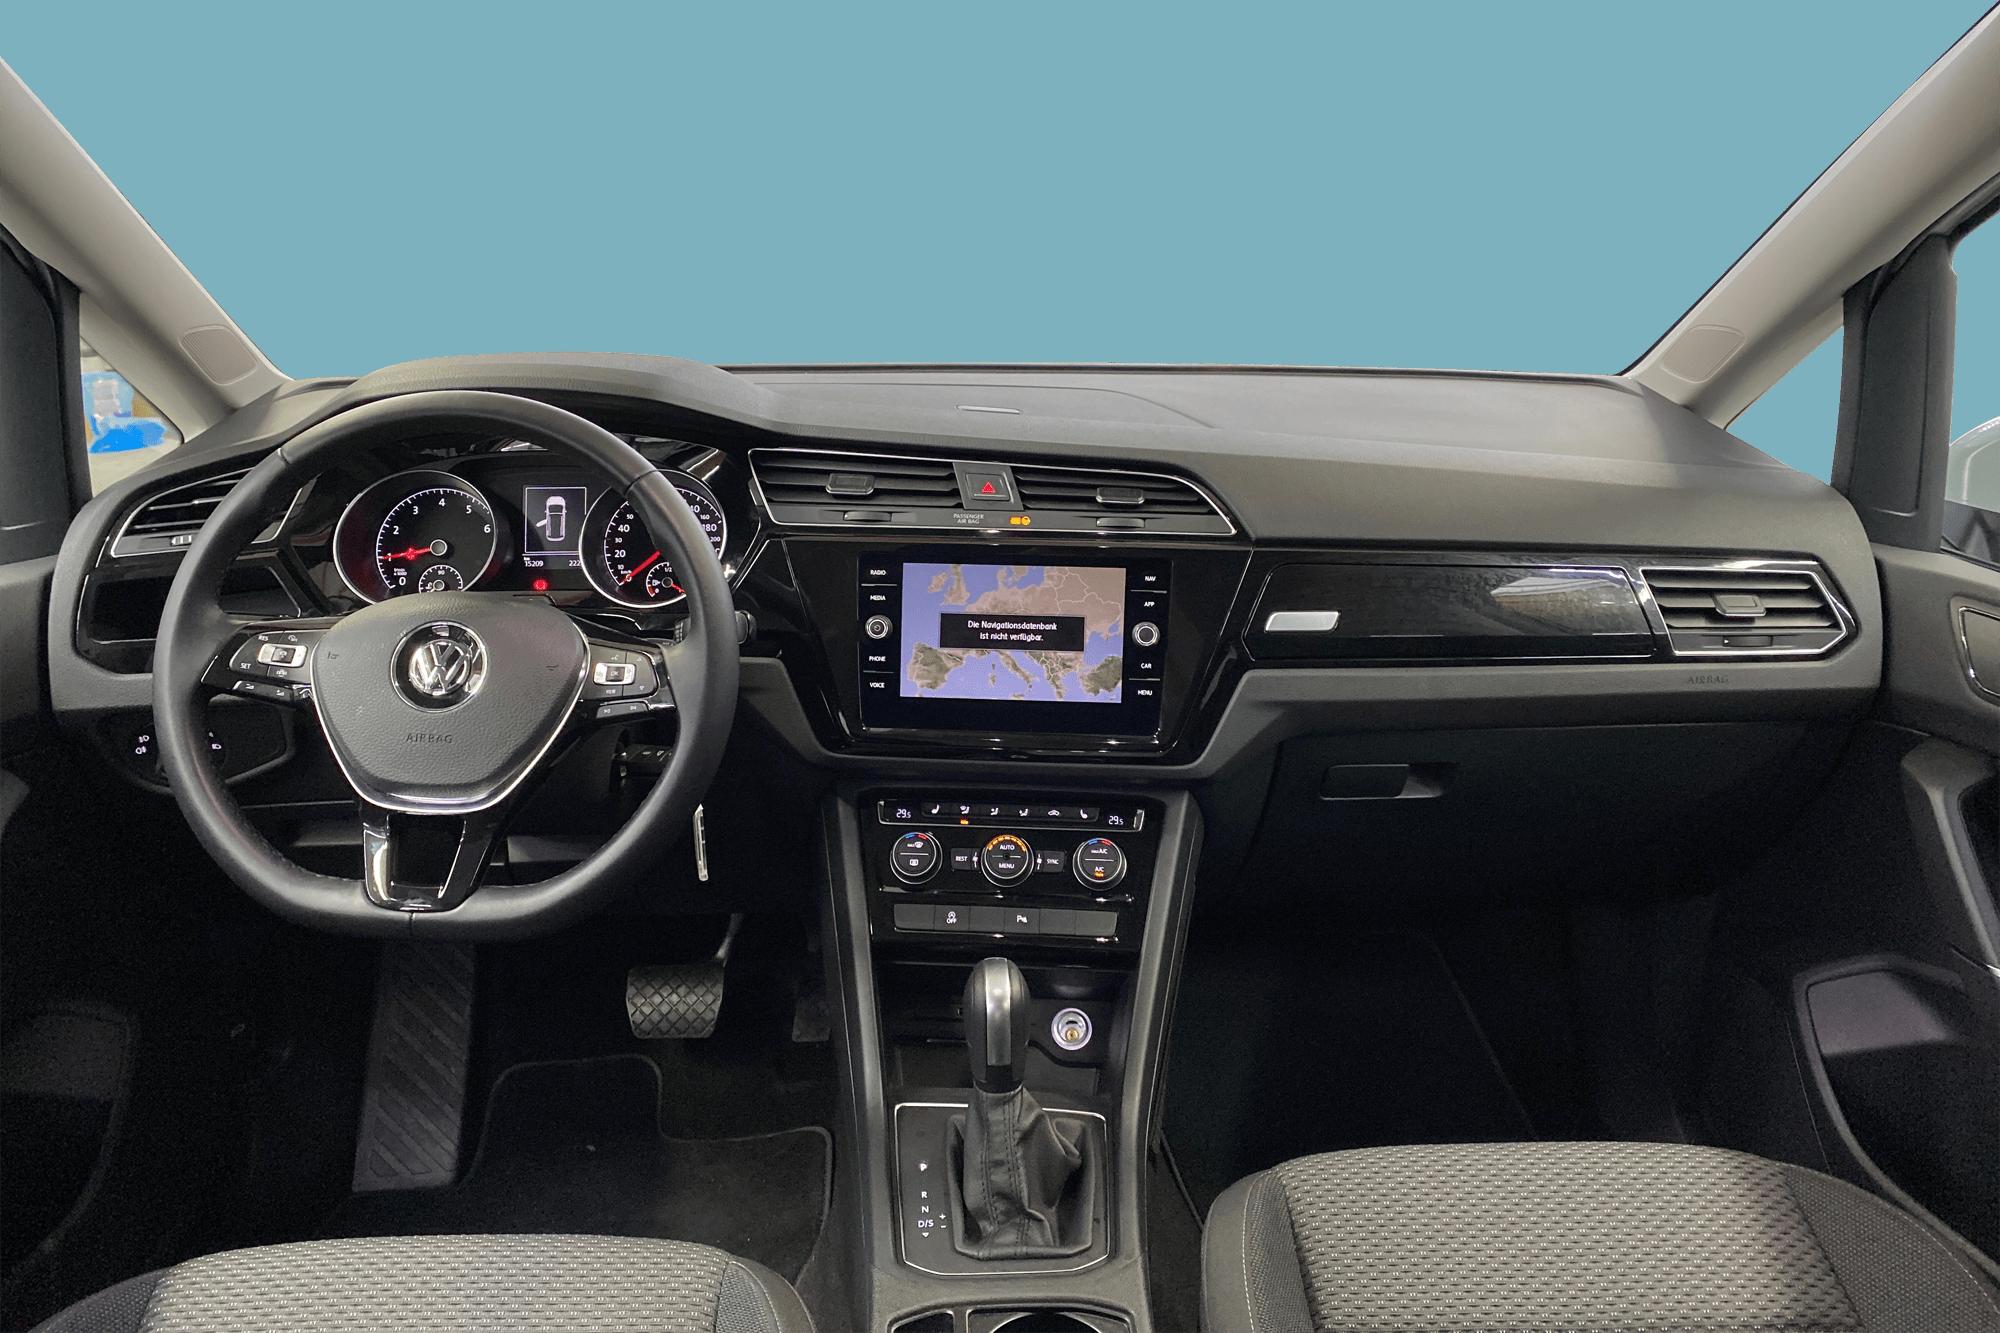 VW Touran White interior - Clyde car subscription